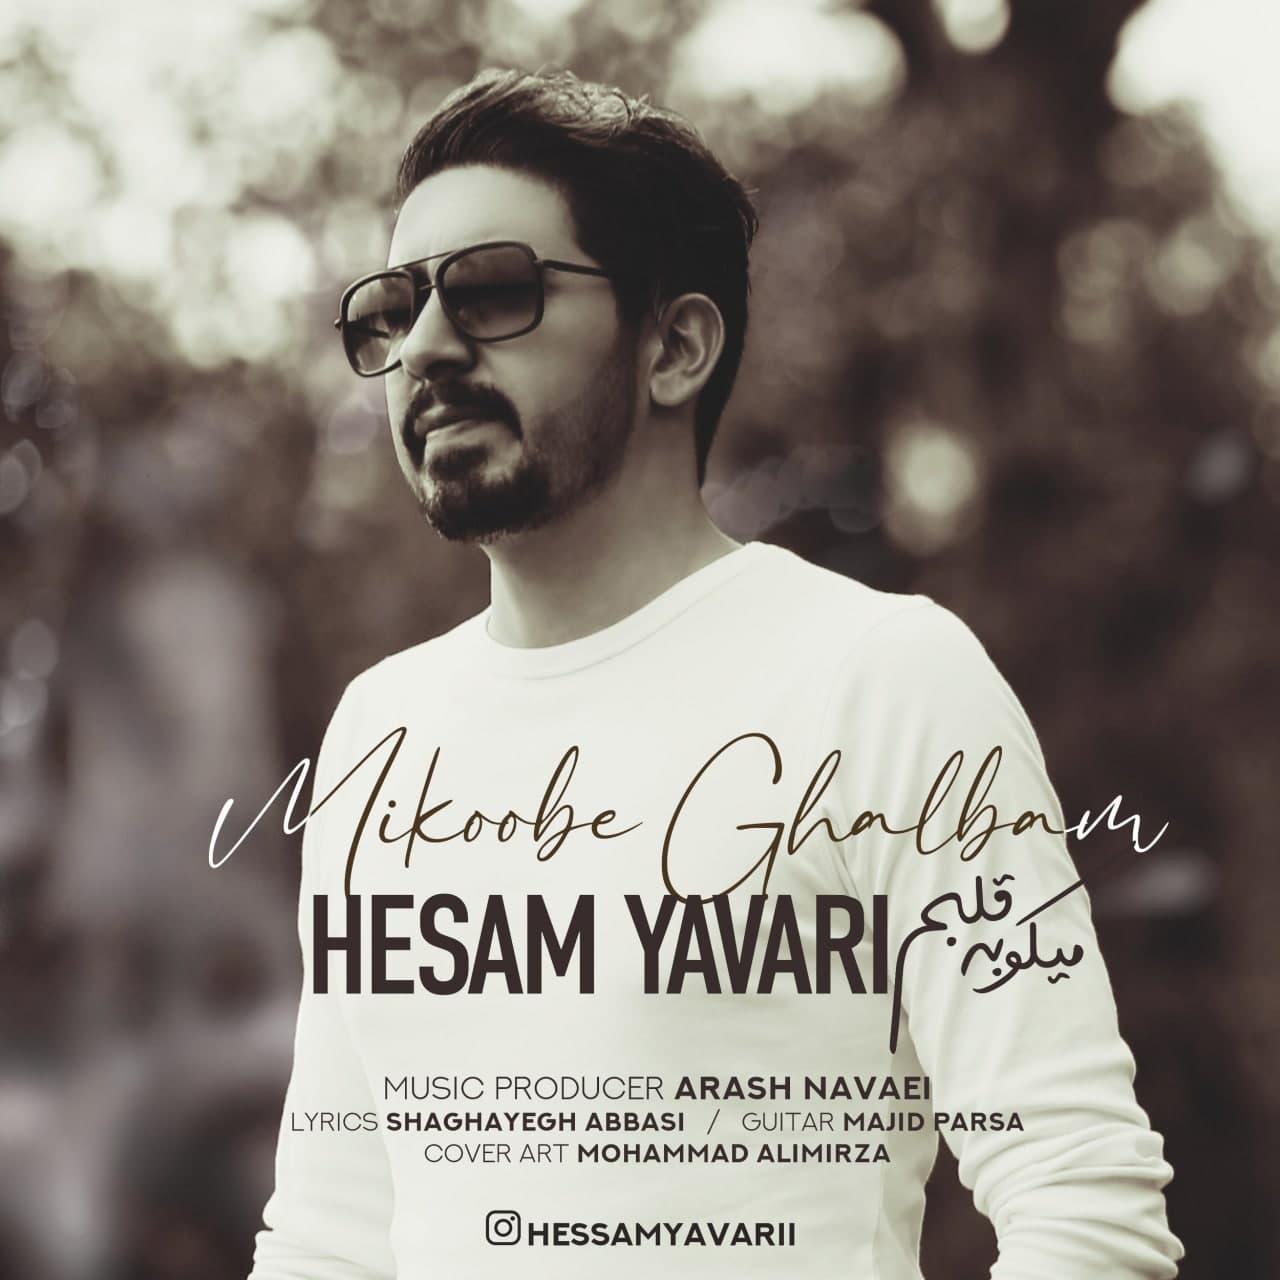 دانلود آهنگ جدید حسام یاوری به نام میکوبه قلبم